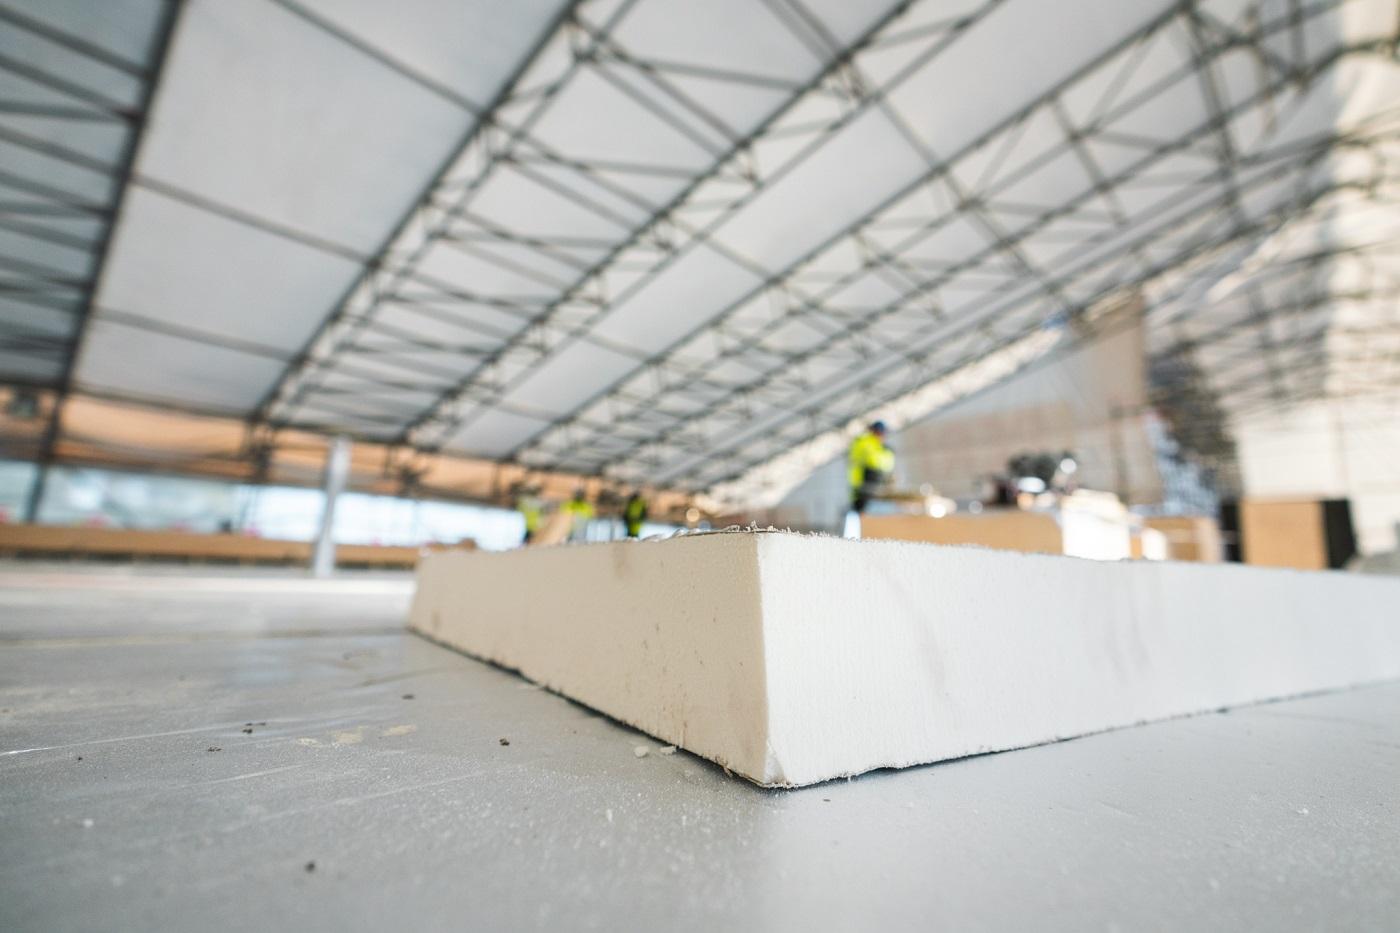 Loivan katon peruskorjaus pienentää lämmönhukkaa ja alentaa energiakustannuksia